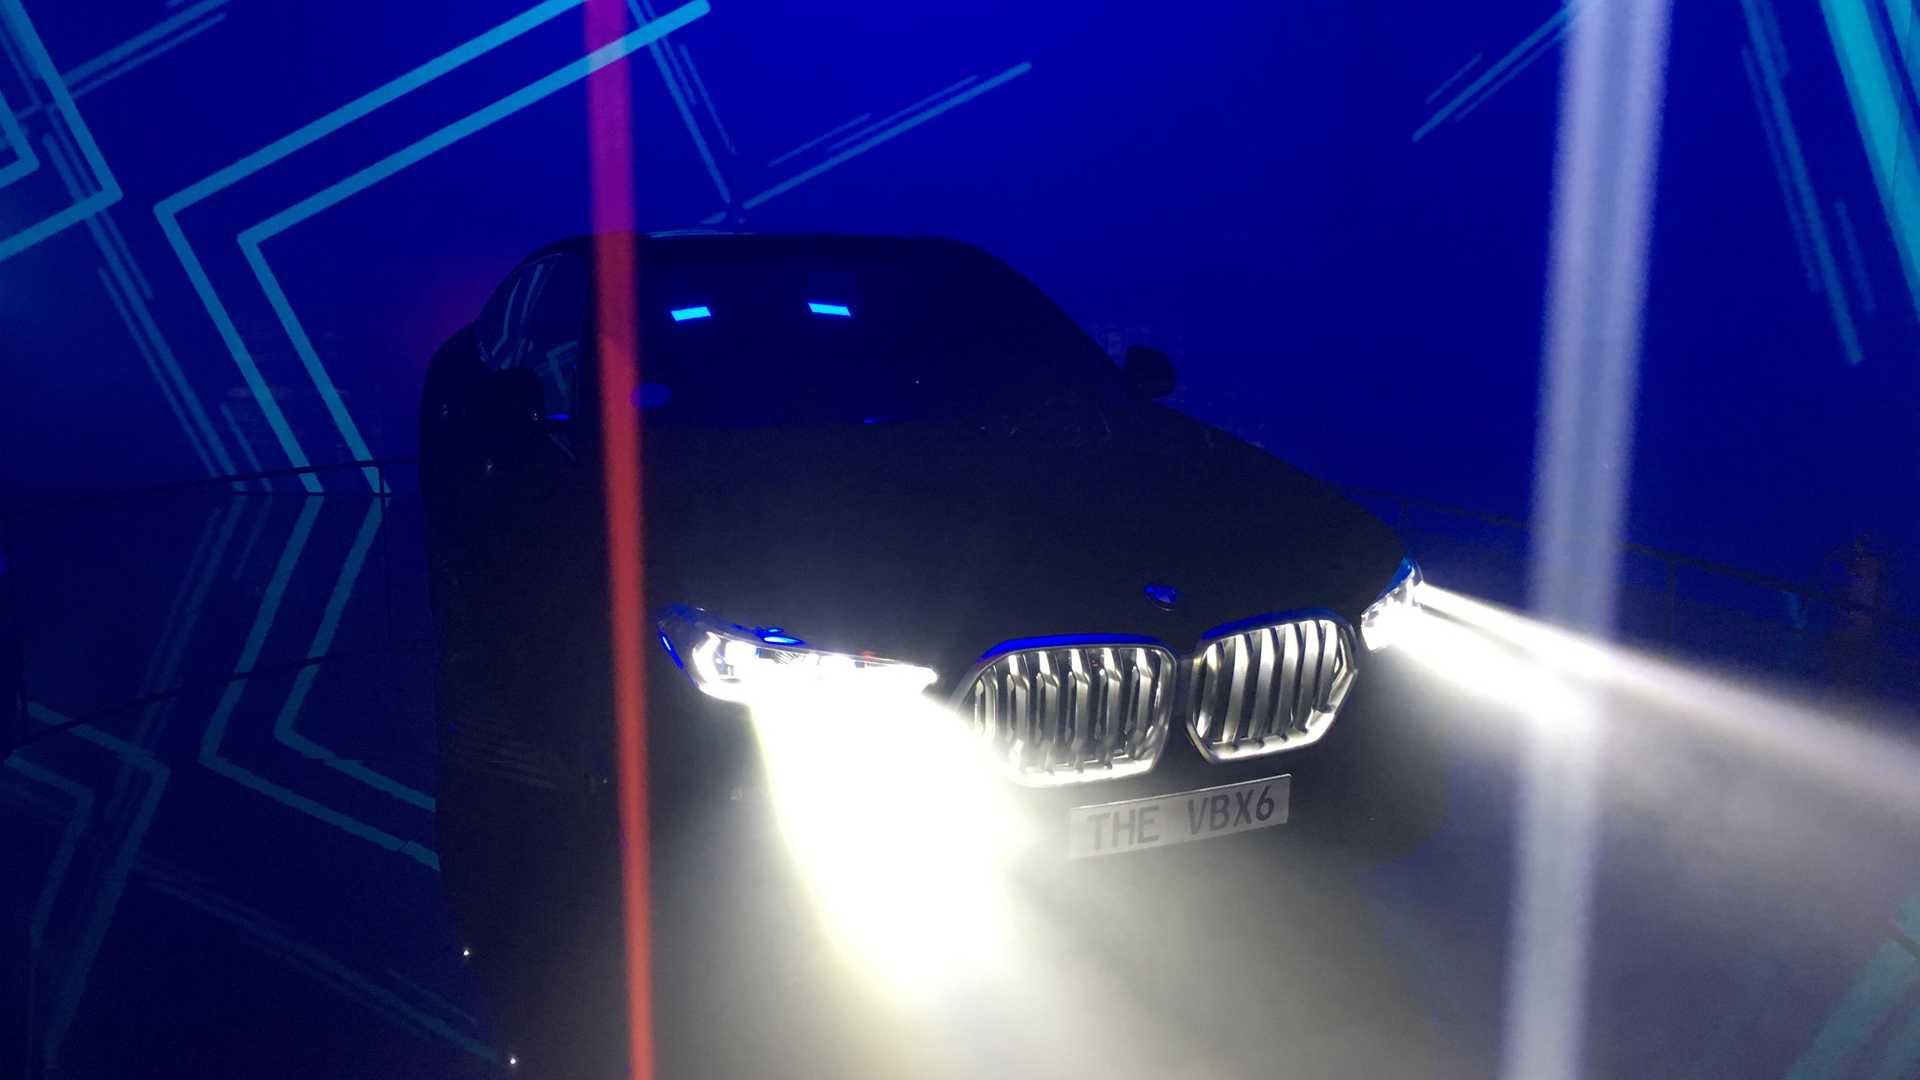 مشکیترین خودروی جهان در نمایشگاه فرانکفورت +عکس